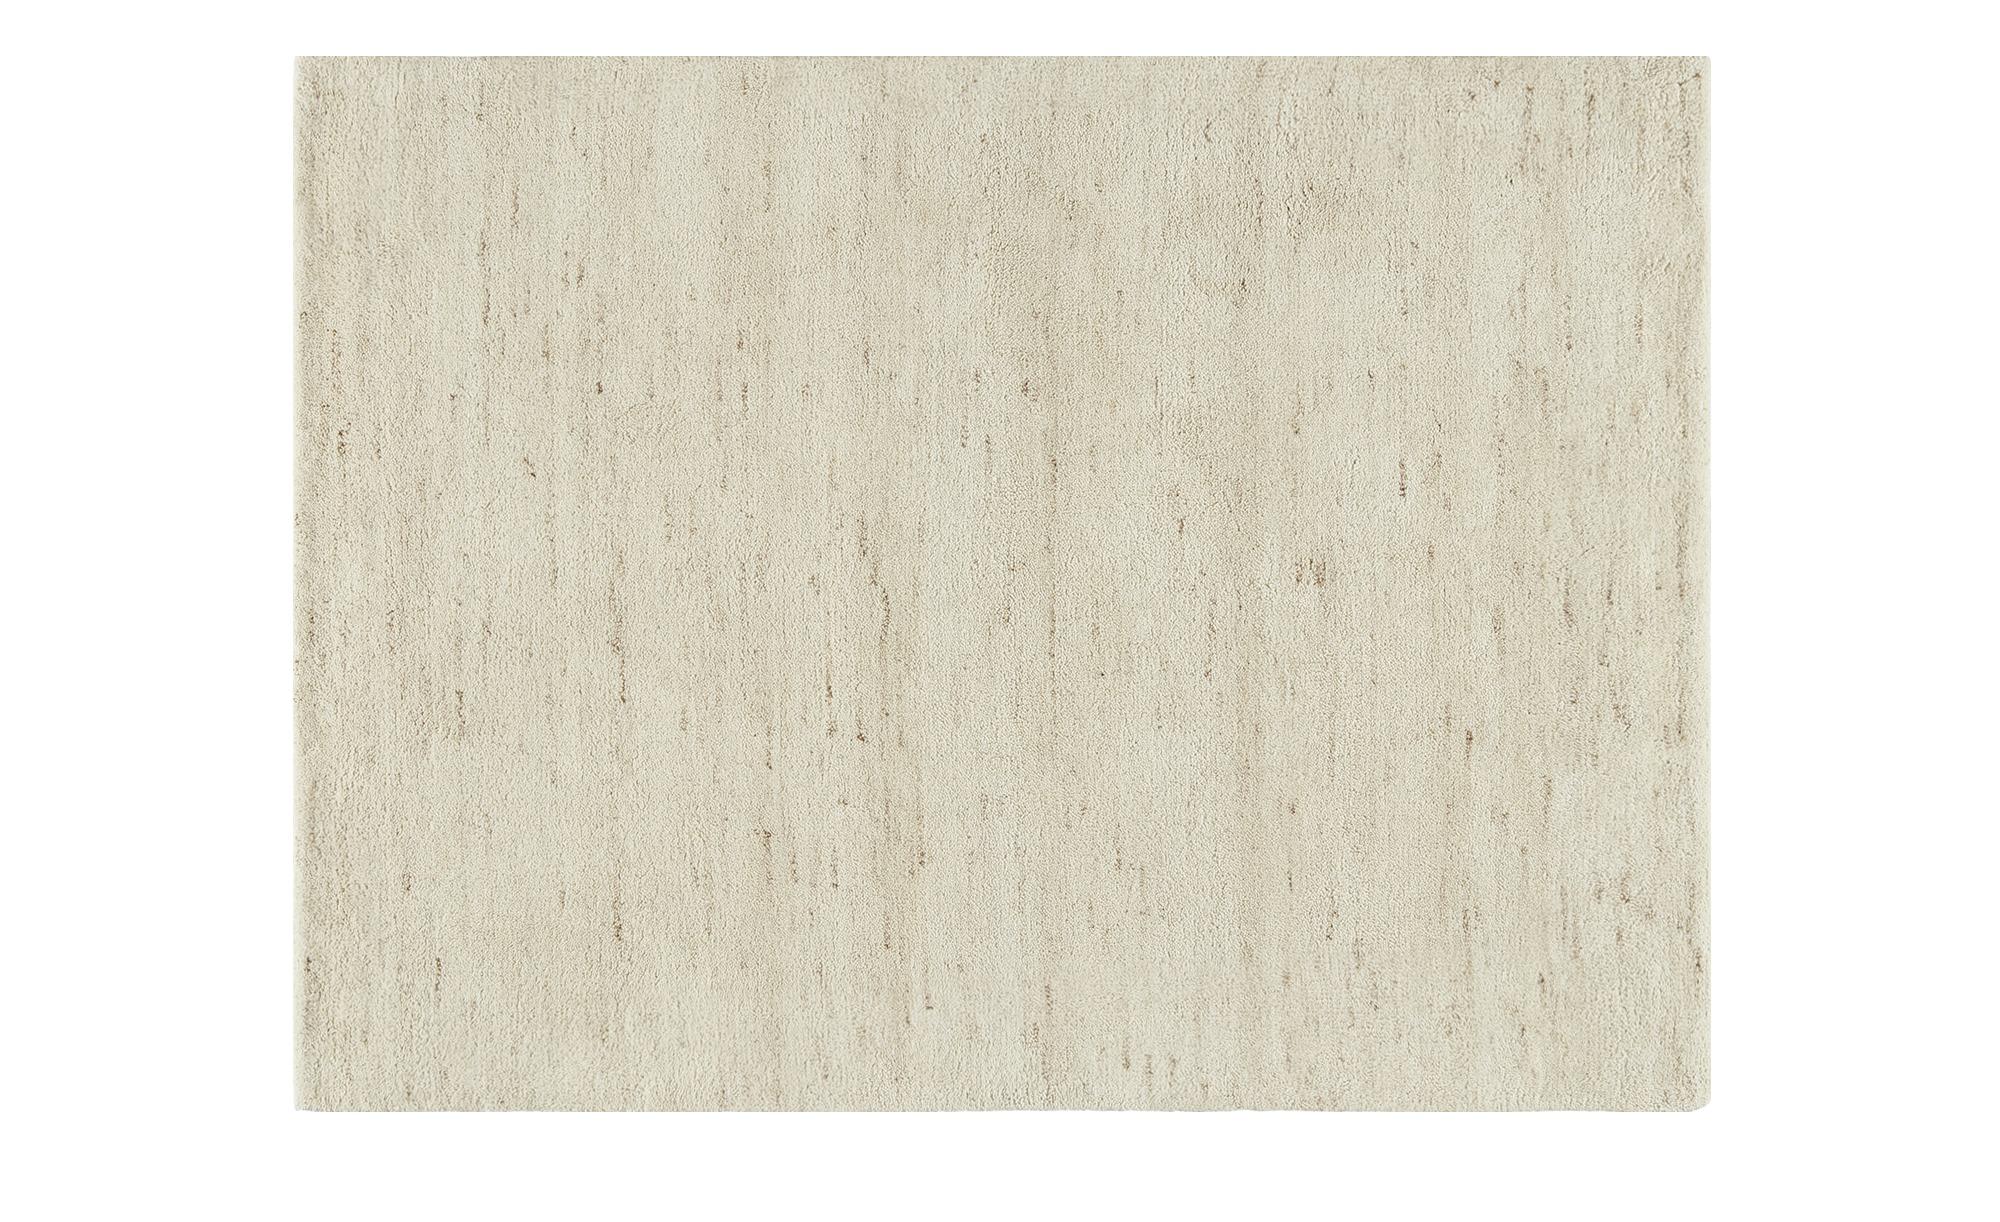 Berber-Teppich - creme - Wolle, 100% Wolle - 140 cm - Teppiche > Wohnteppiche > Naturteppiche - Möbel Kraft | Heimtextilien > Teppiche > Berberteppiche | Möbel Kraft